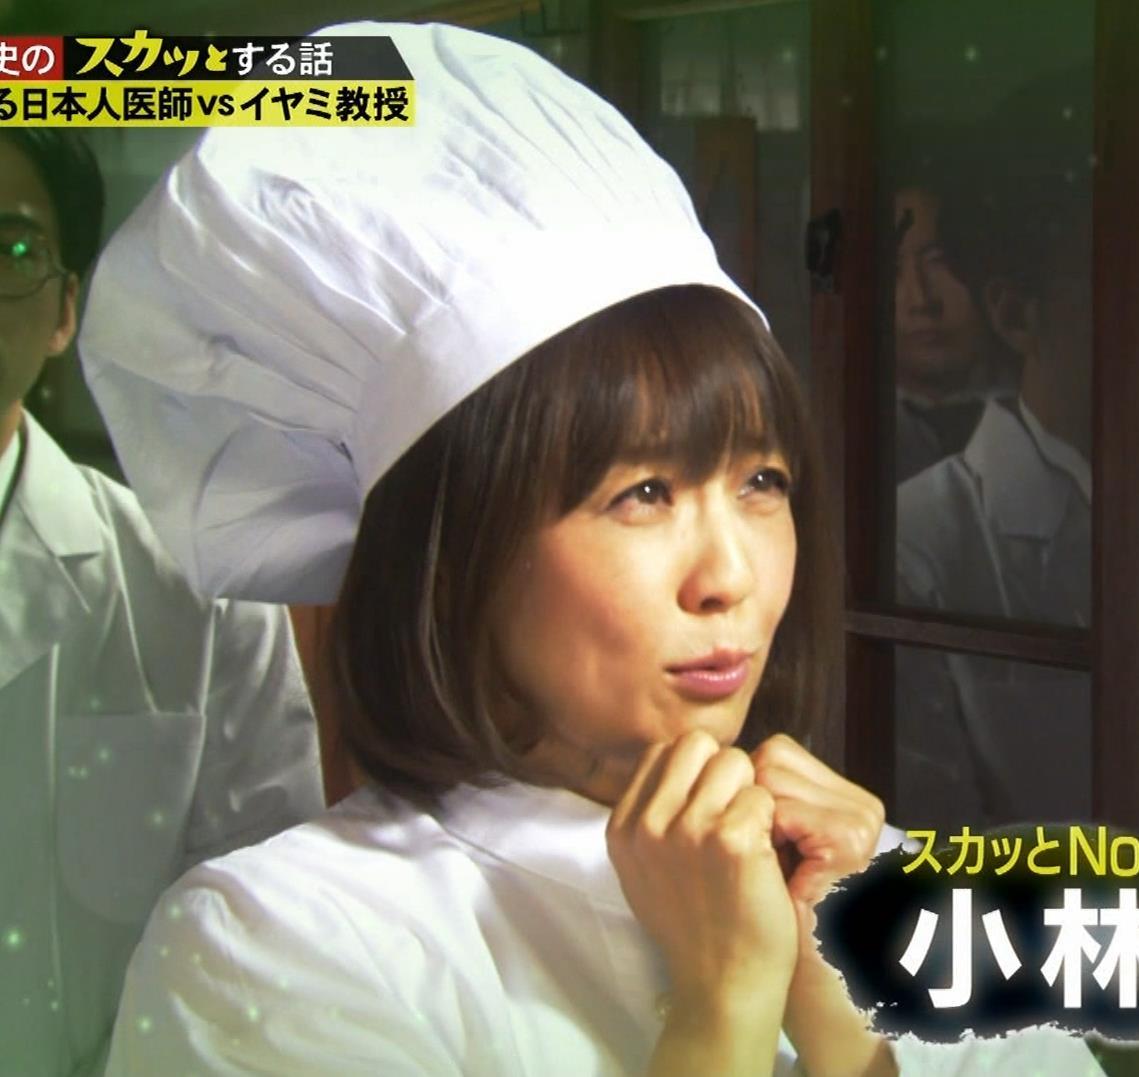 小林麻耶 明治時代の看護婦コスプレキャプ・エロ画像6